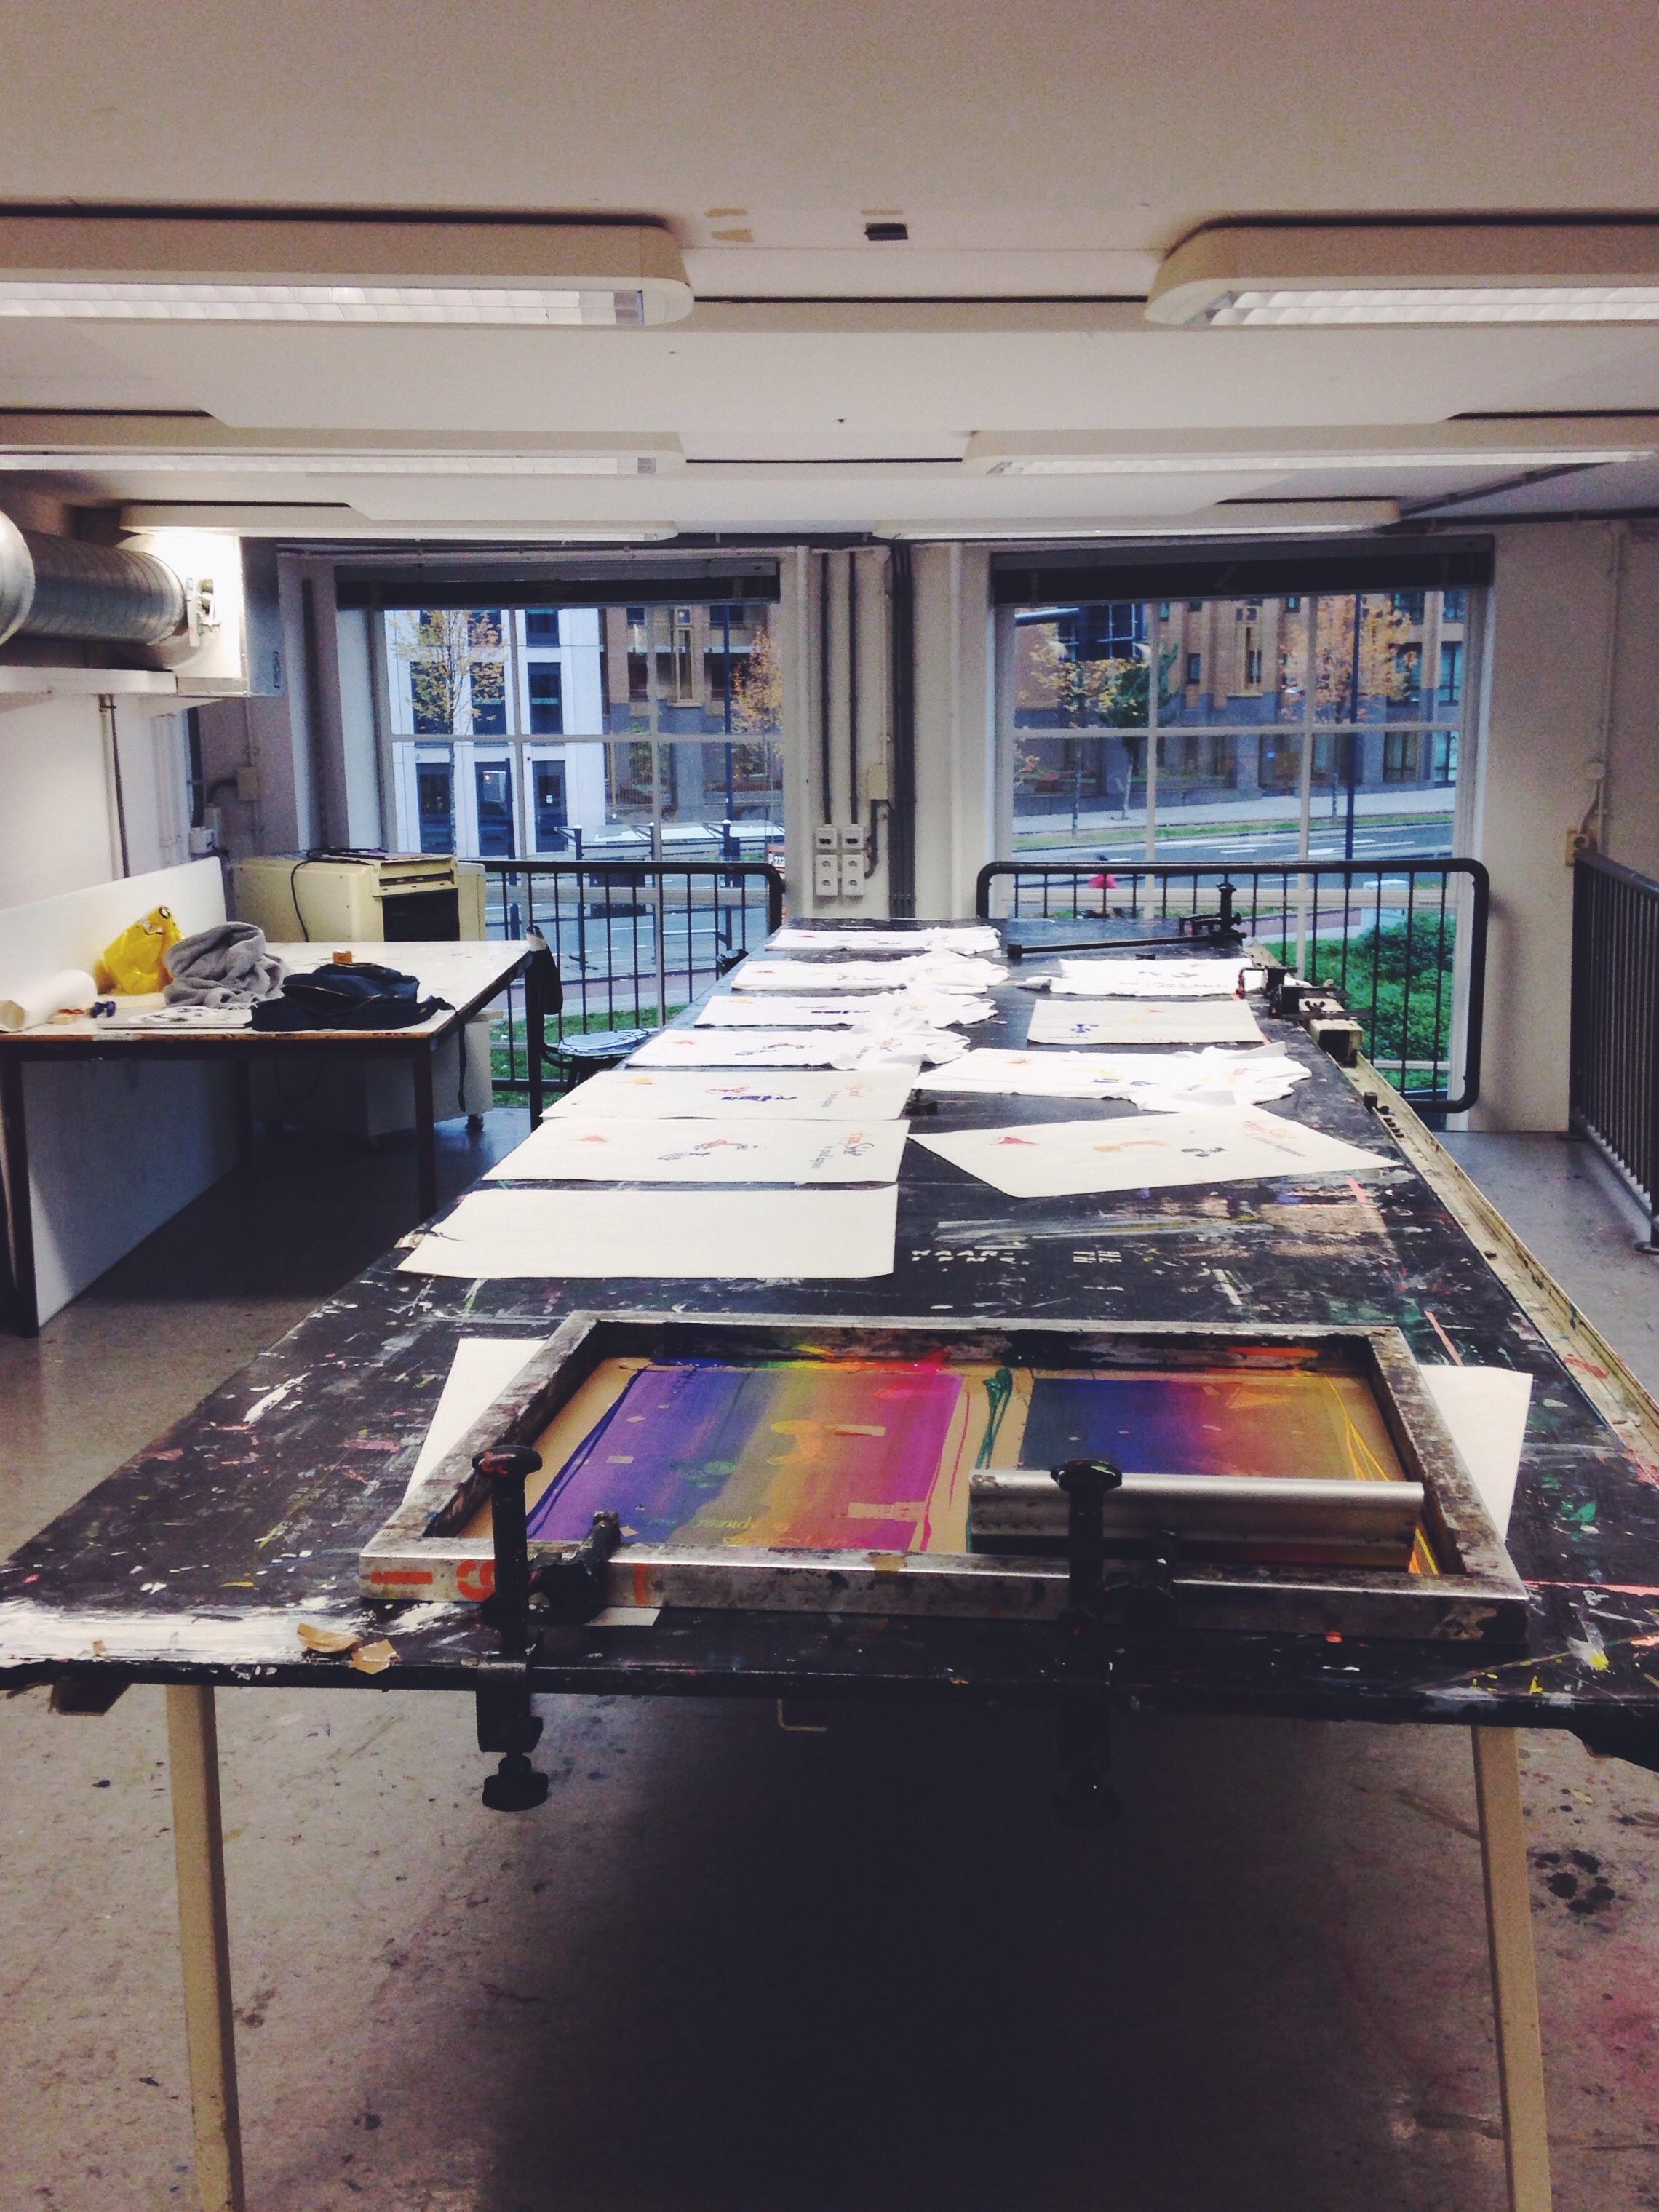 Screen printing facilities at Willem de Kooning University, Anna Egorova